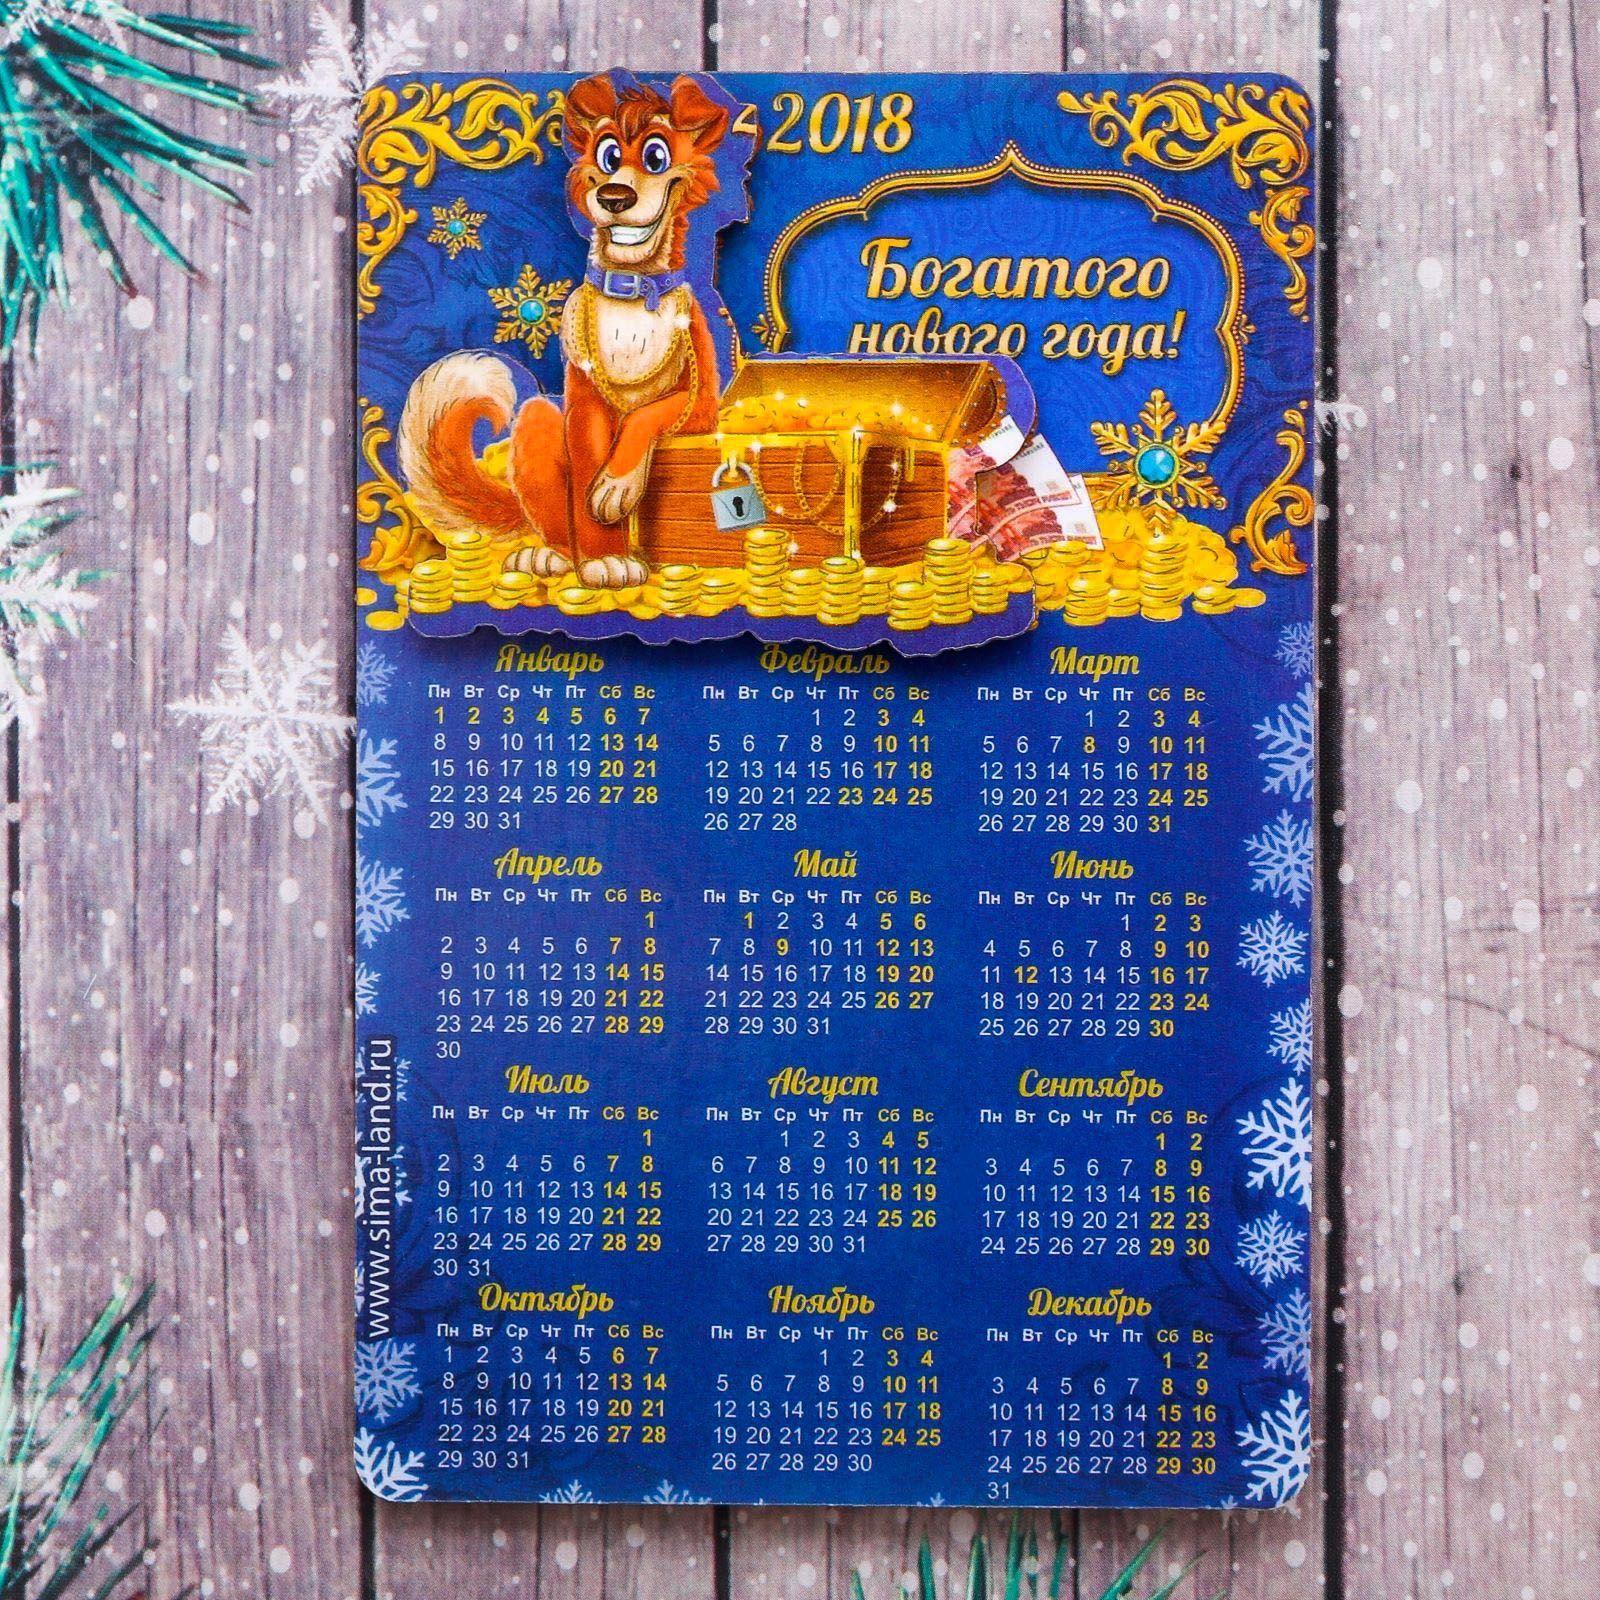 Магнит Sima-land Богатого Нового года, с календарем, 8 х 12 см1933308Порадуйте родных и близких оригинальным сувениром: преподнесите в подарок магнит. С ним даже самый серьезный человек почувствует себя ребенком, ожидающим чудо! Прикрепите его к любой металлической поверхности, и он удержит на виду важные записки, любовные послания или просто список продуктов.Создайте праздничное настроение, и оно останется с вами на весь год.